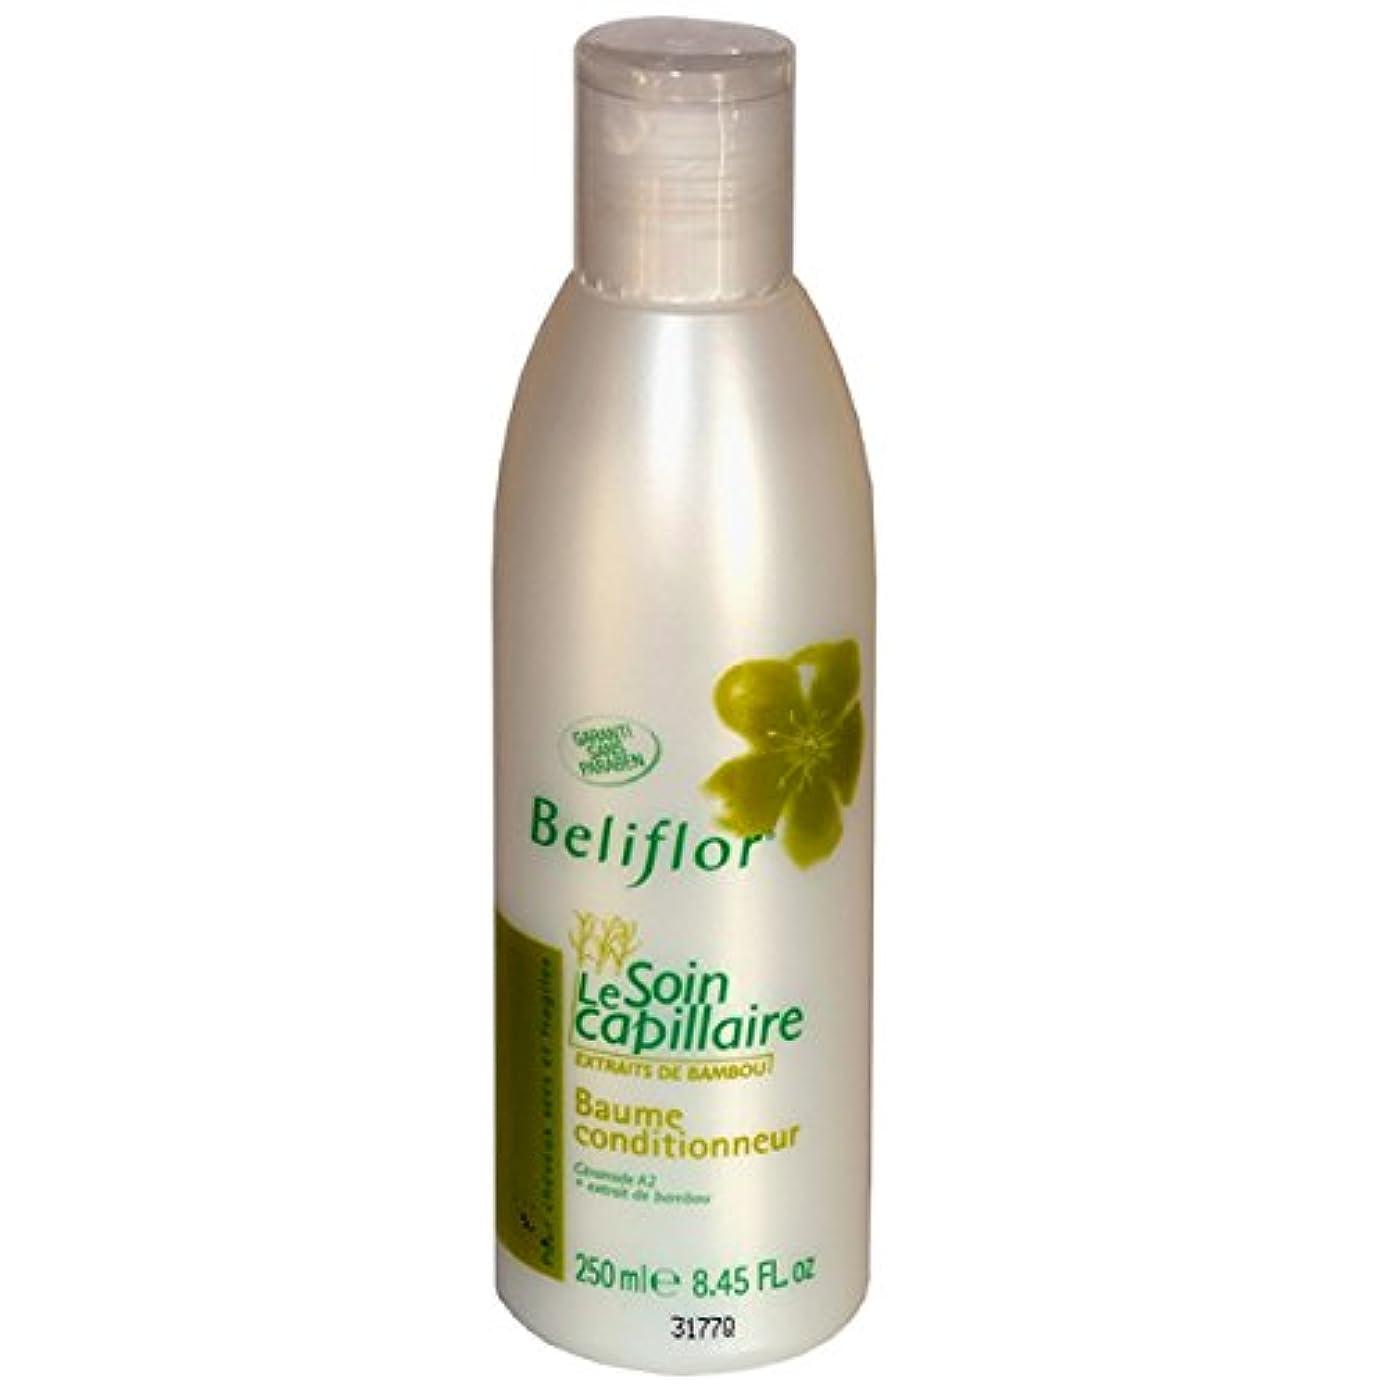 怪物絶妙担当者Beliflorコンディショニングバーム(250 ml)